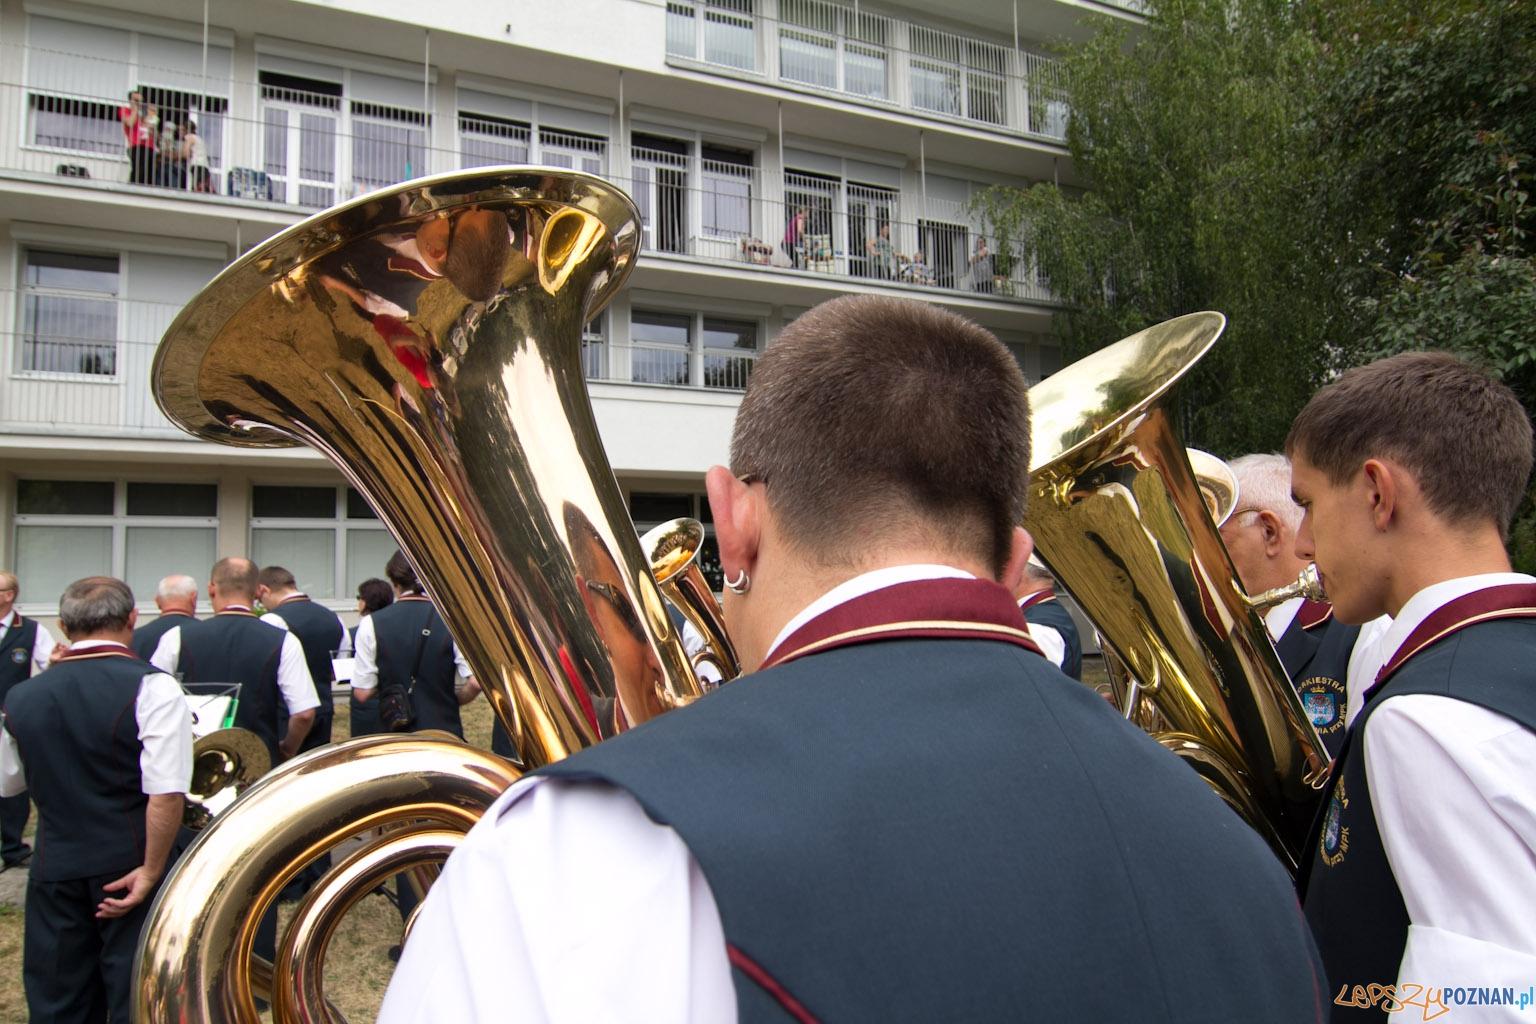 Festyn w szpitalu przy ul. Szpitalnej  Foto: lepszyPOZNAN.pl / Piotr Rychter